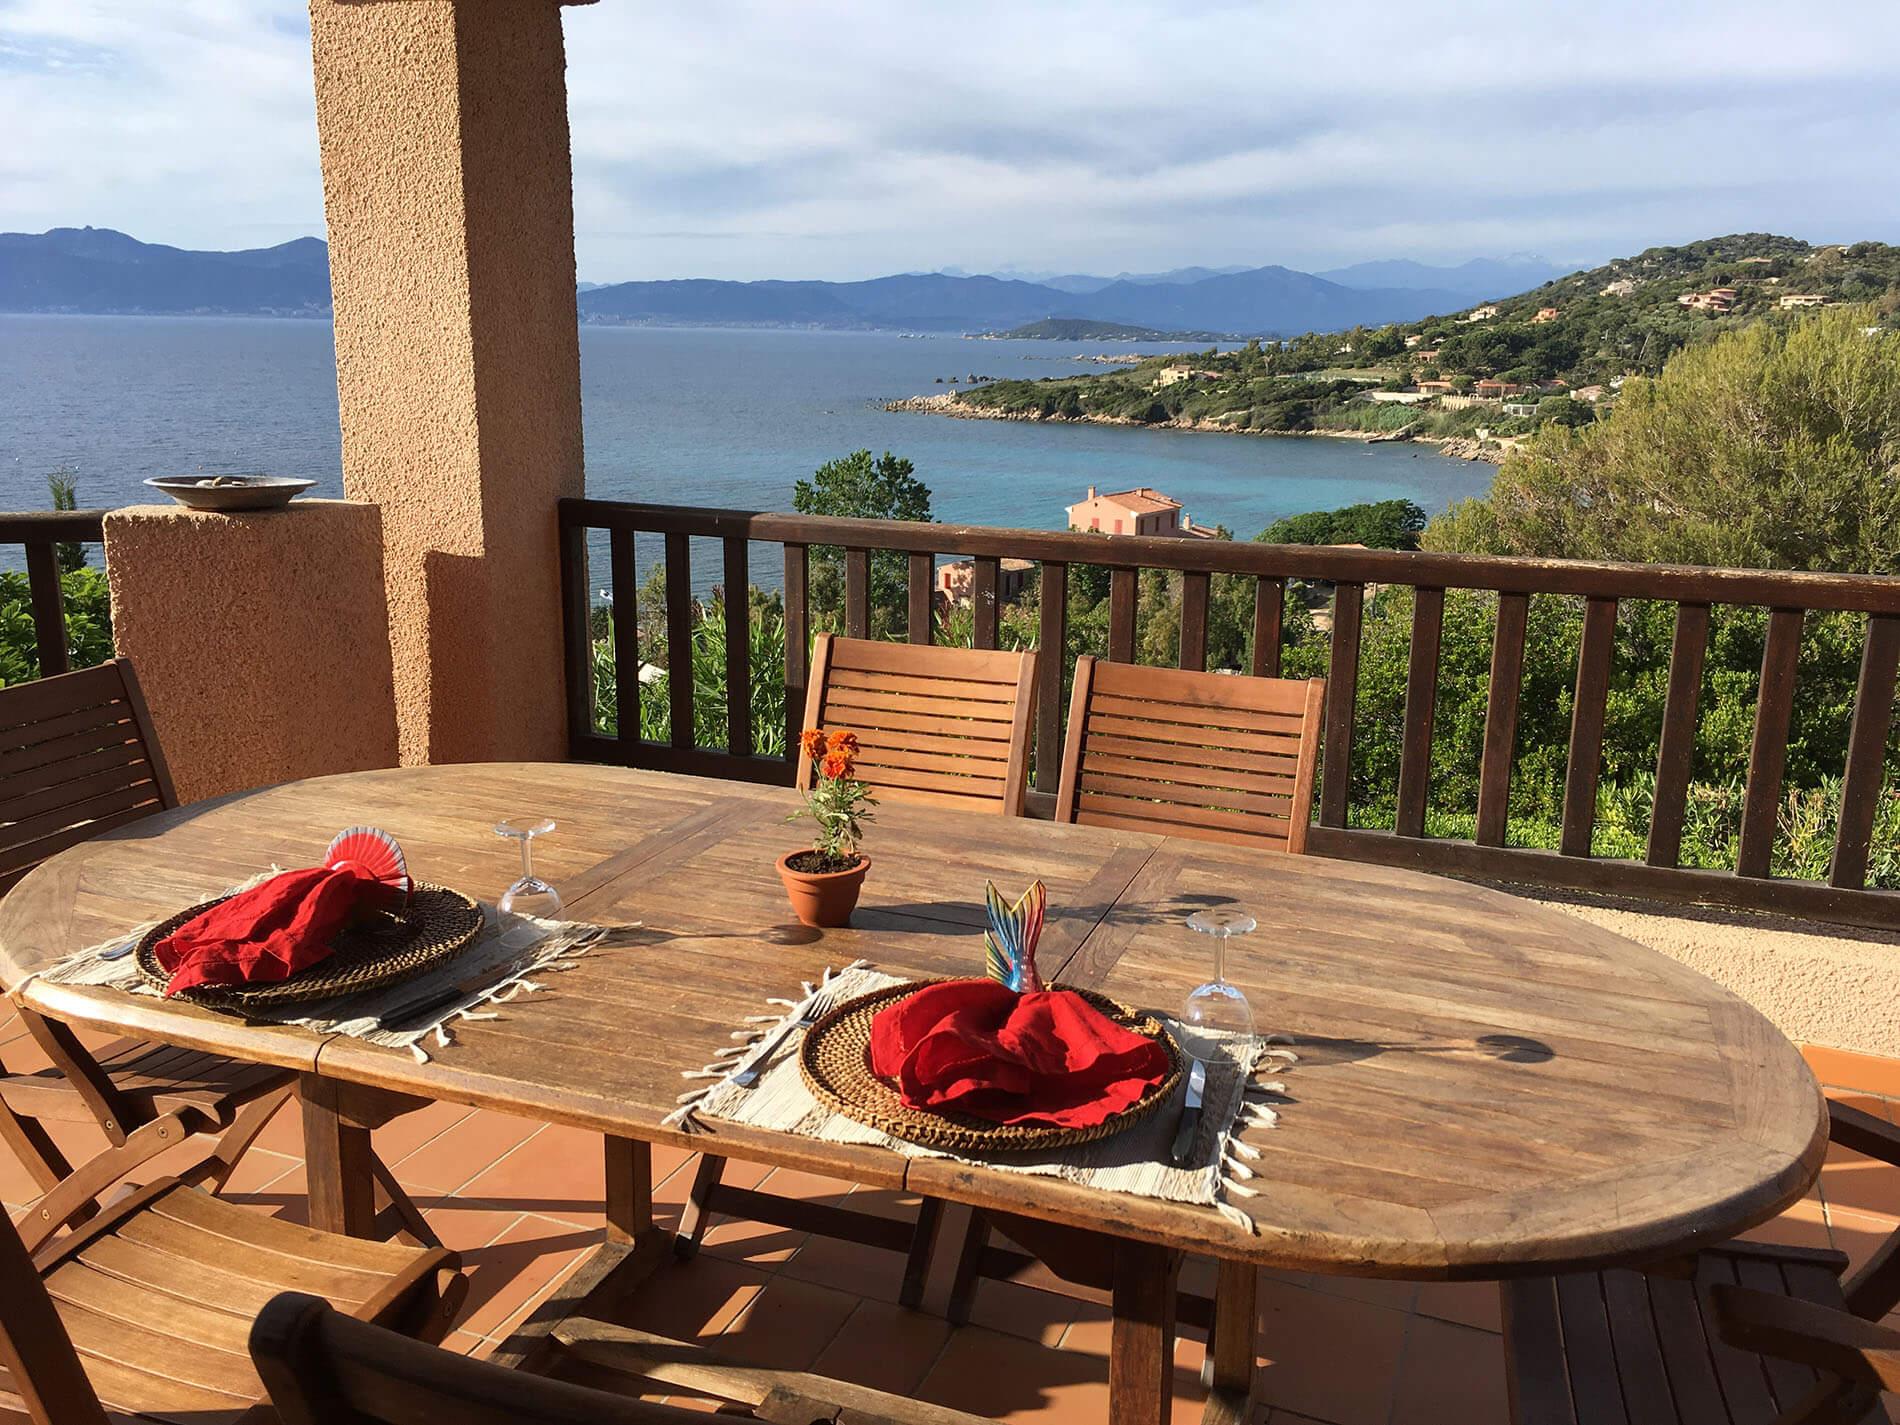 U Castellu Lunch view